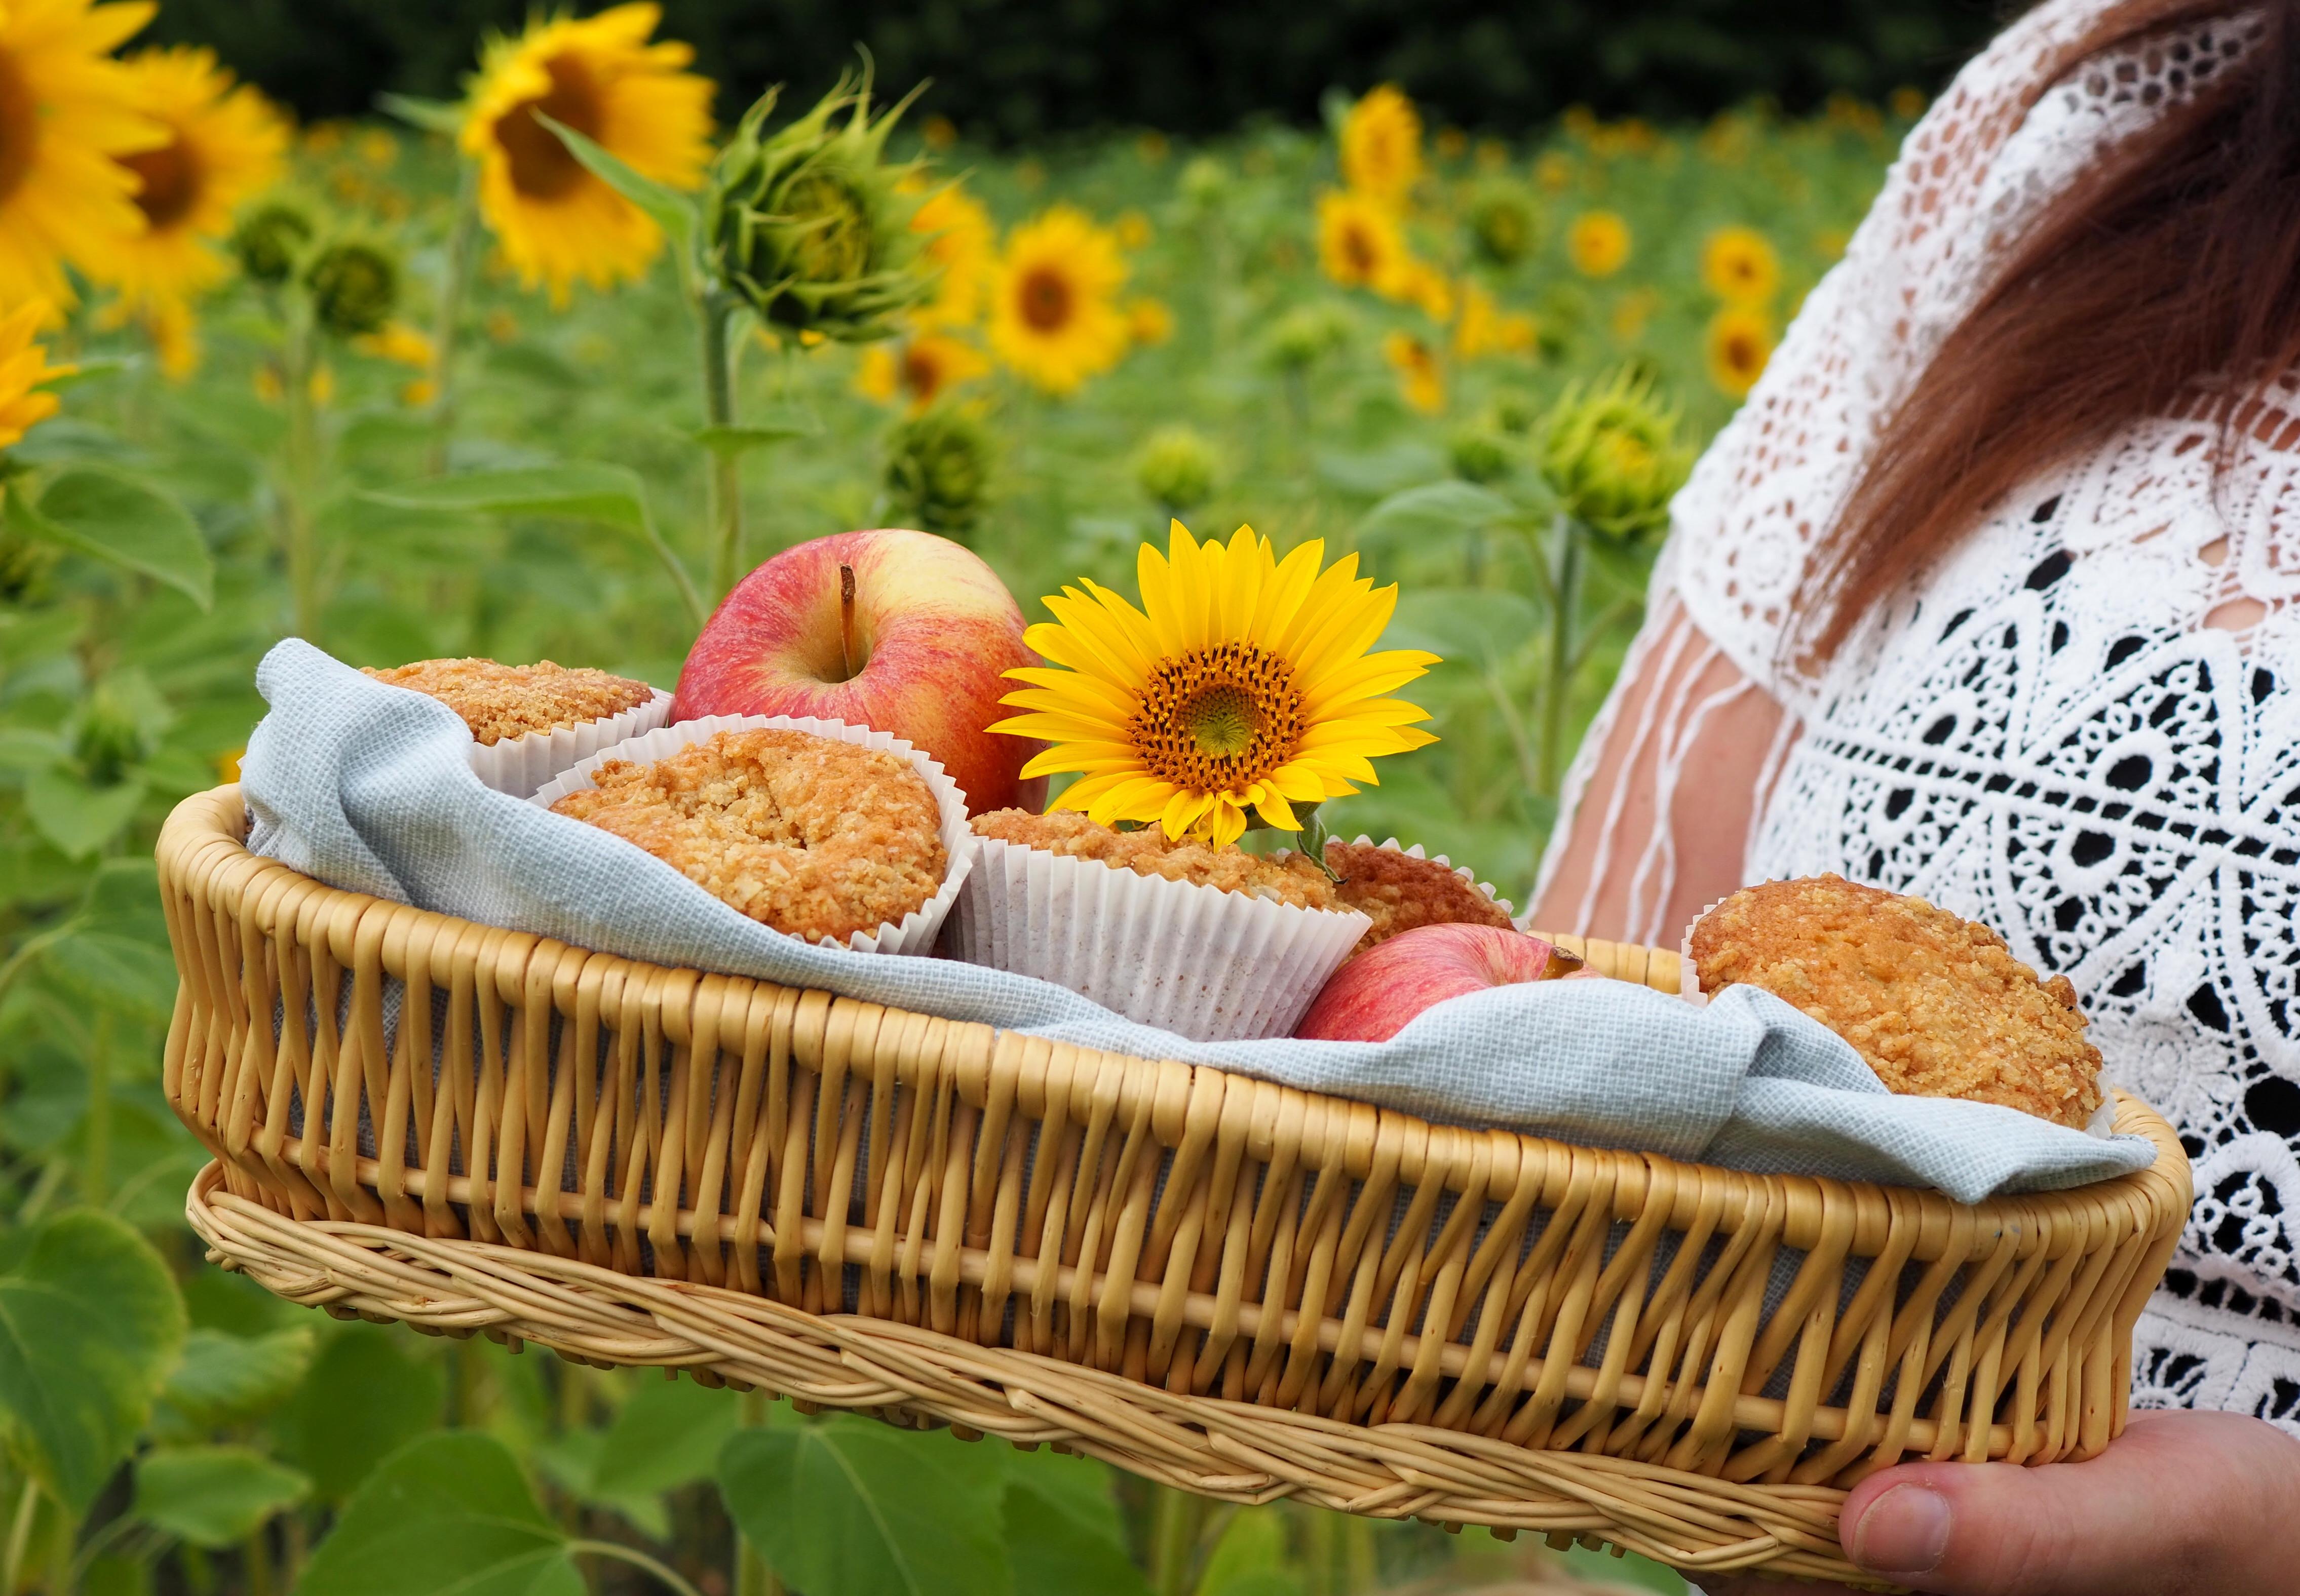 omenamurumuffinssit